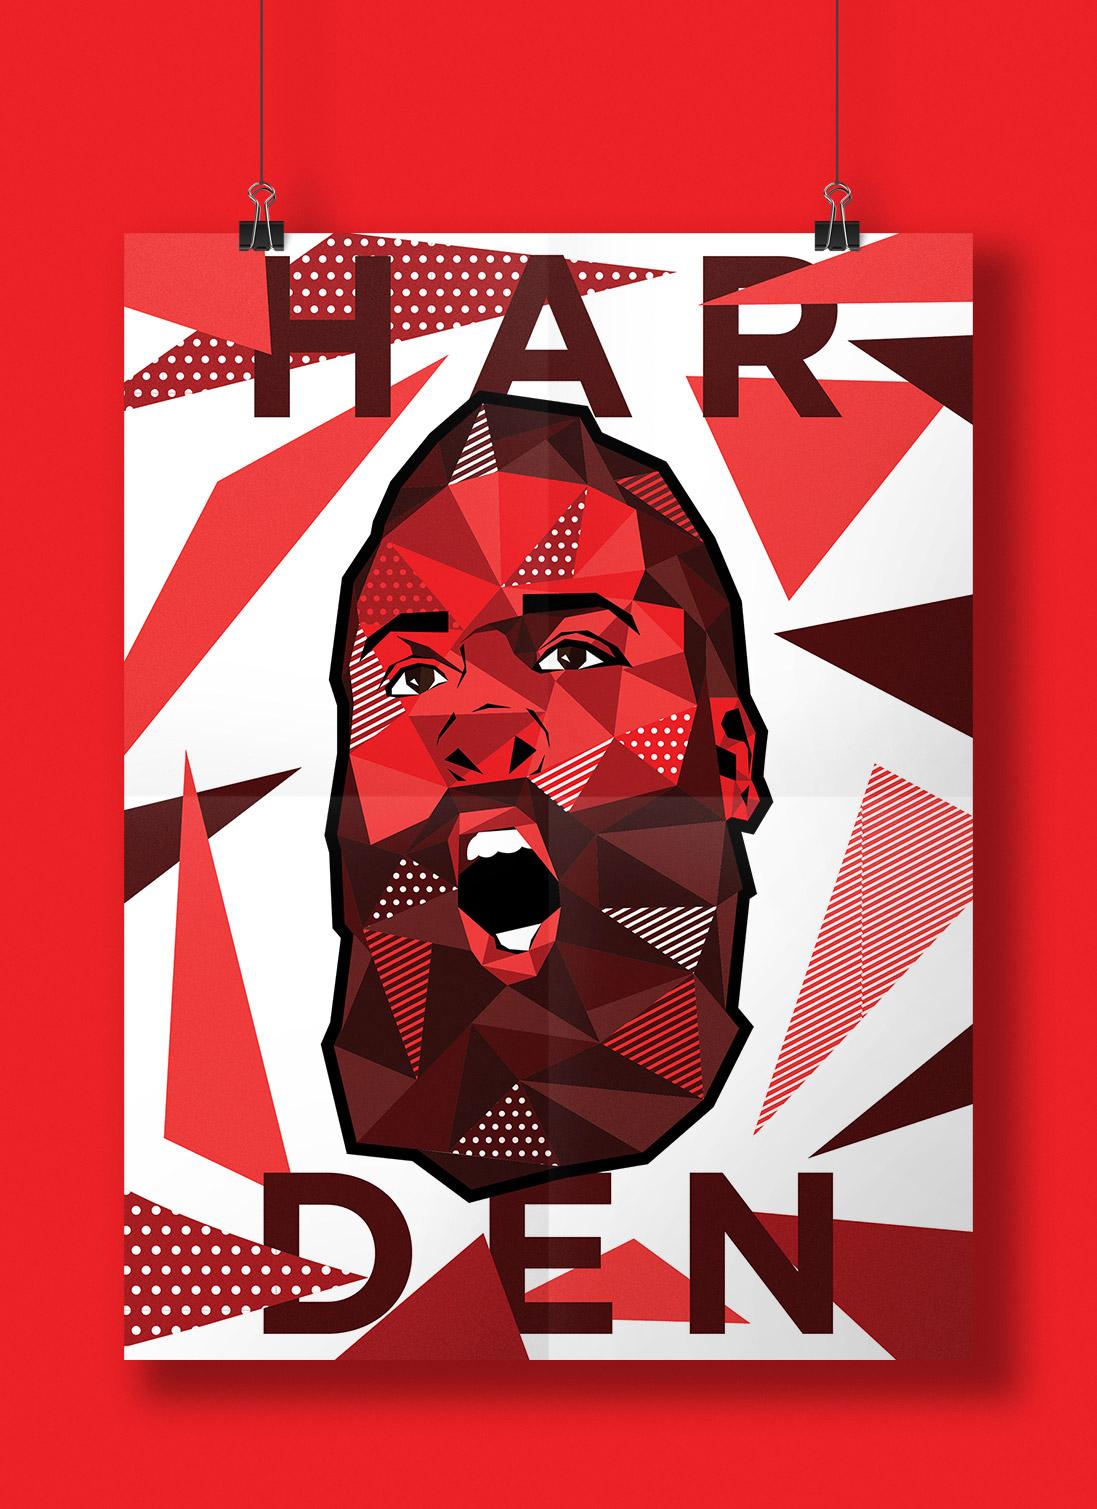 生活资讯_NBA球星POP艺术插画设计 - 设计之家